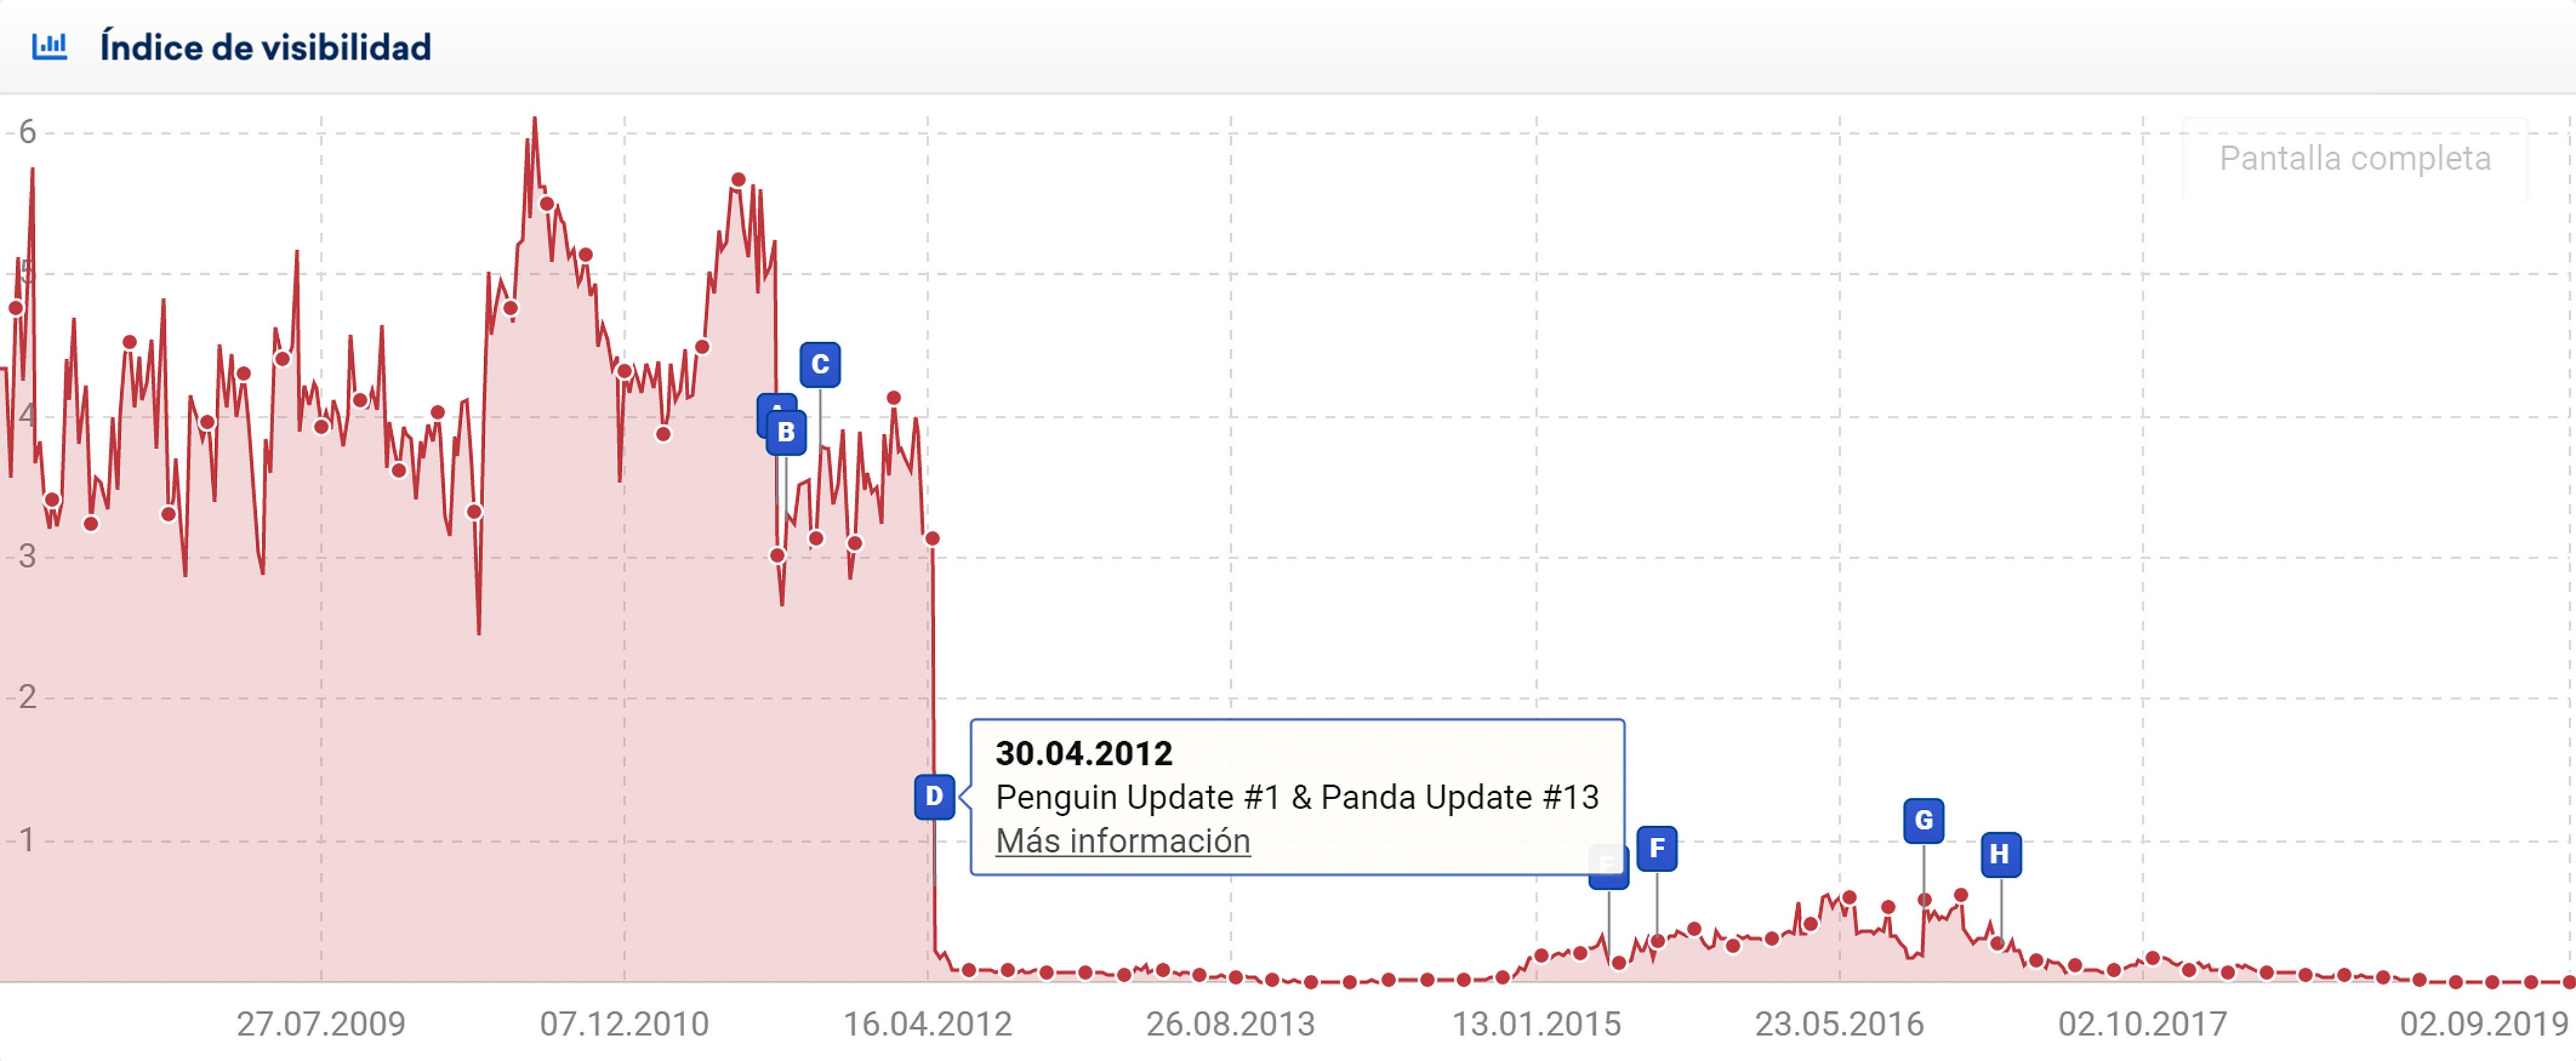 Gráfica del índice de visibilidad SISTRIX que muestra el pin de evento D: Los sitios web que son considerados spam muestran una gran pérdida de visibilidad, con frecuencia dirigiendose a 0.